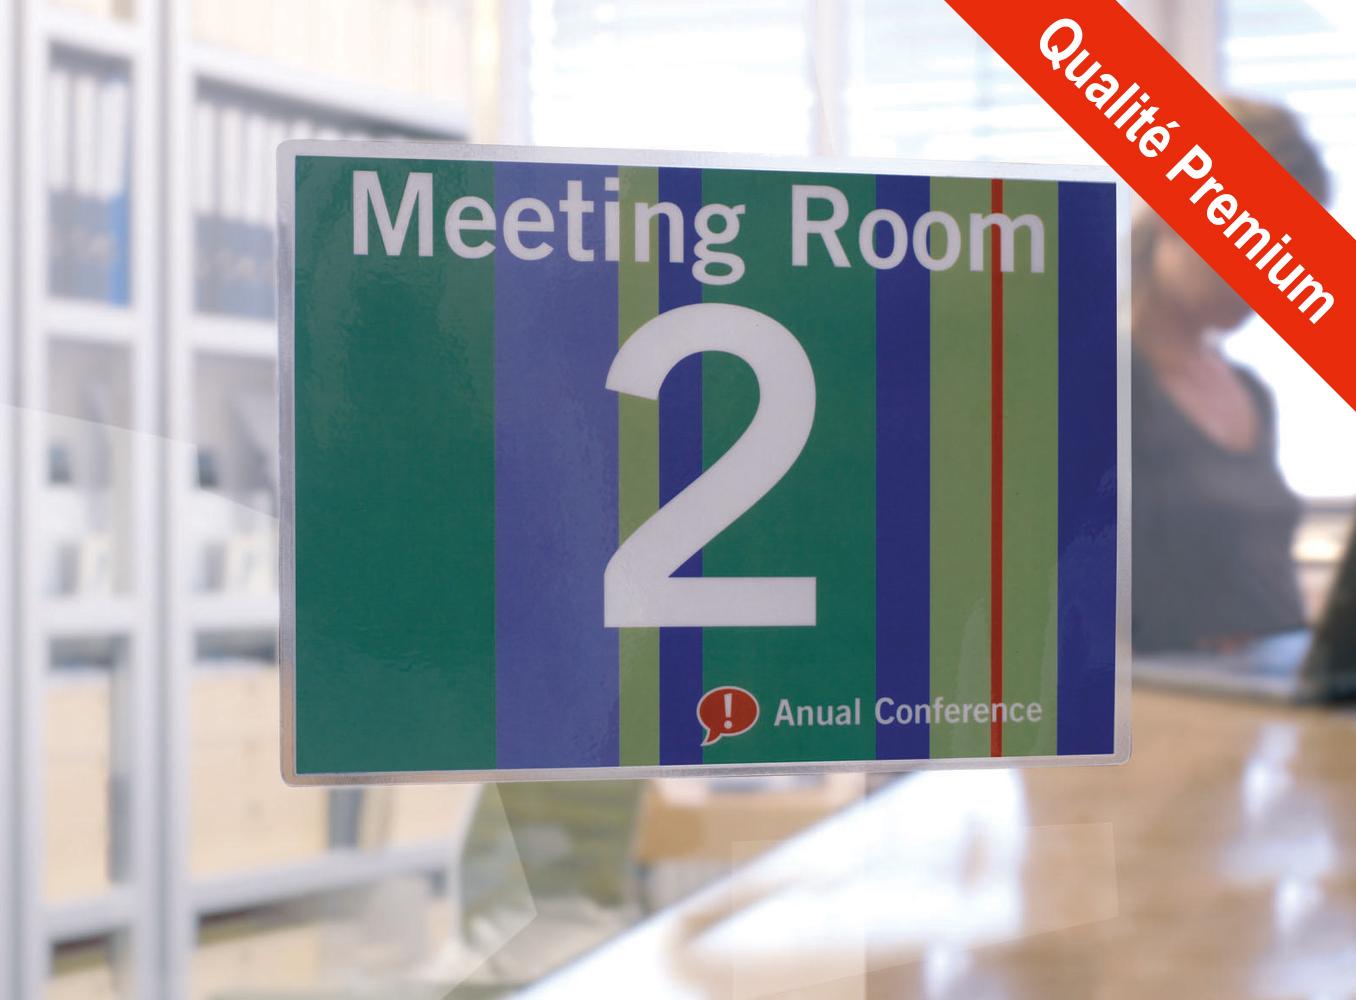 Pochettes finition Mat - Dos Adhésif - Format A4 - 303 x 216 mm - <span style='font-weight:bold; color:#E82C0C;'>Qualité Premium</span>